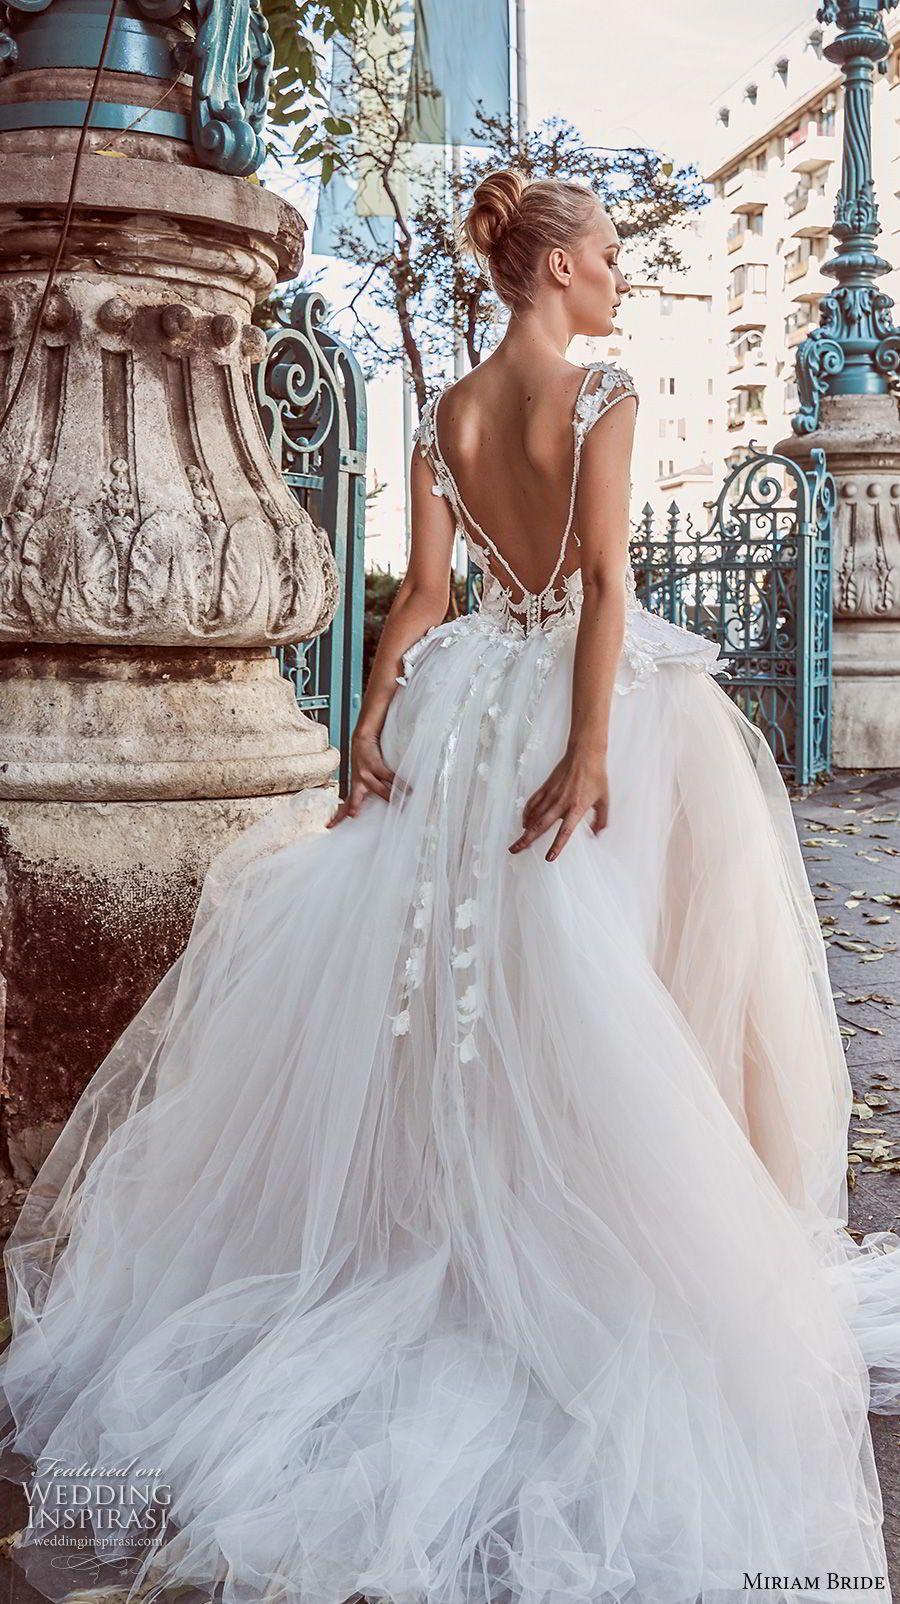 Miriams Braut 14 Brautkleider  Kleider hochzeit, Brautkleid